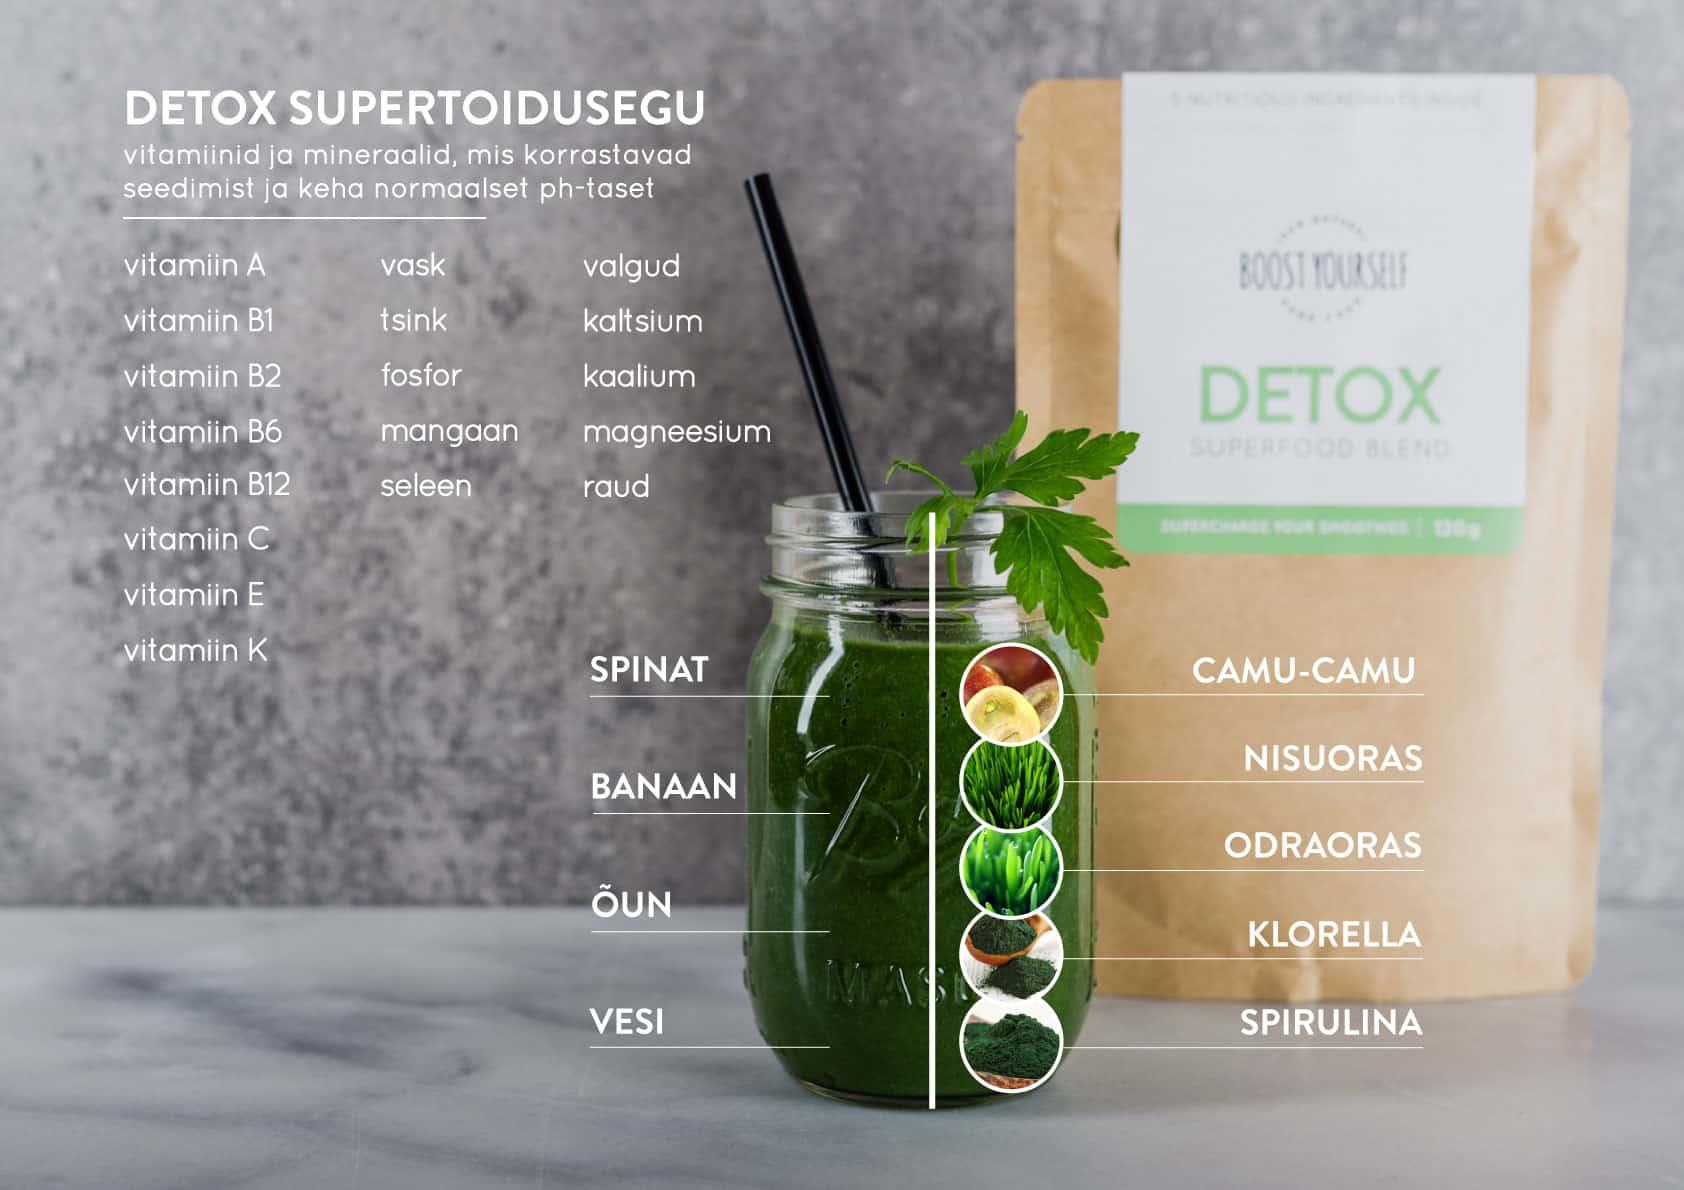 Detox supertoidusegu smuutidele